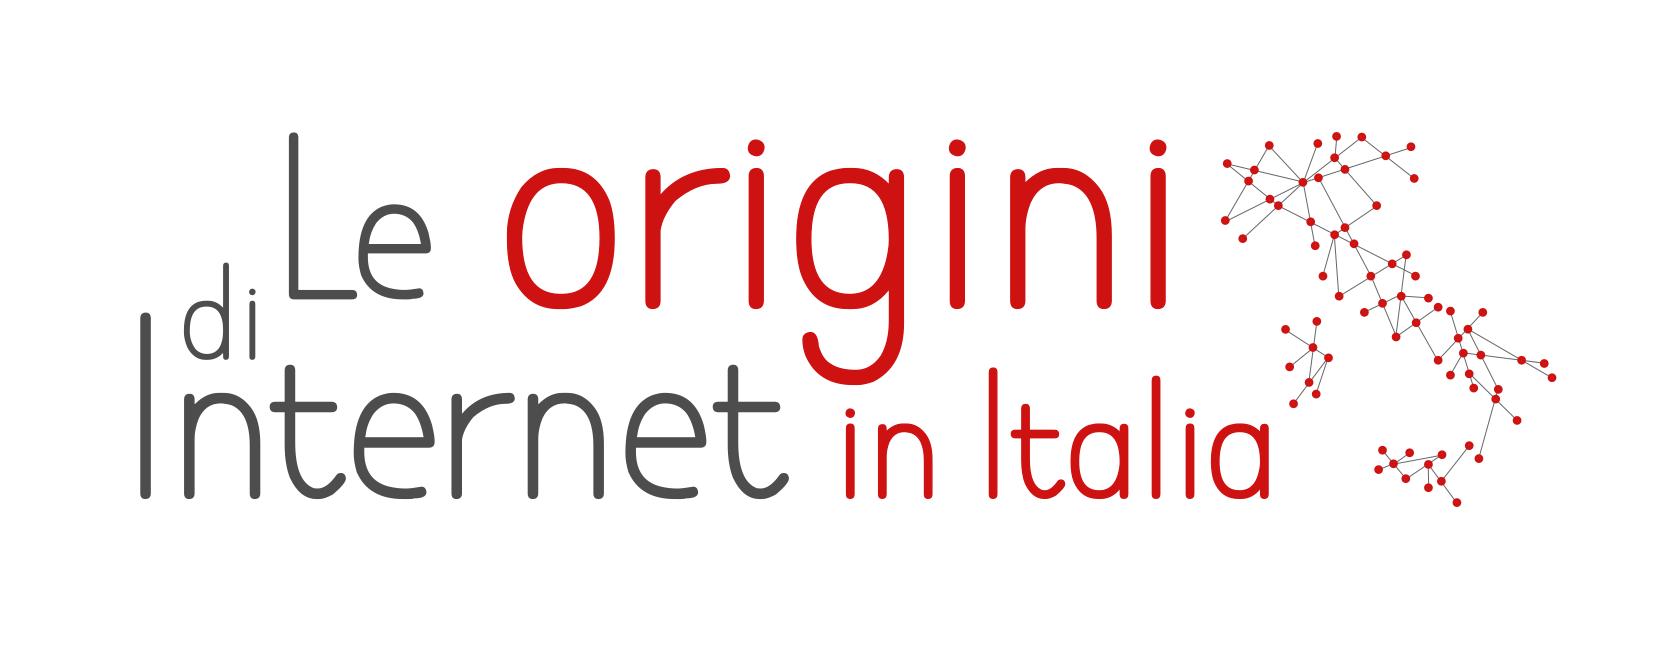 Le origini di internet in Italia